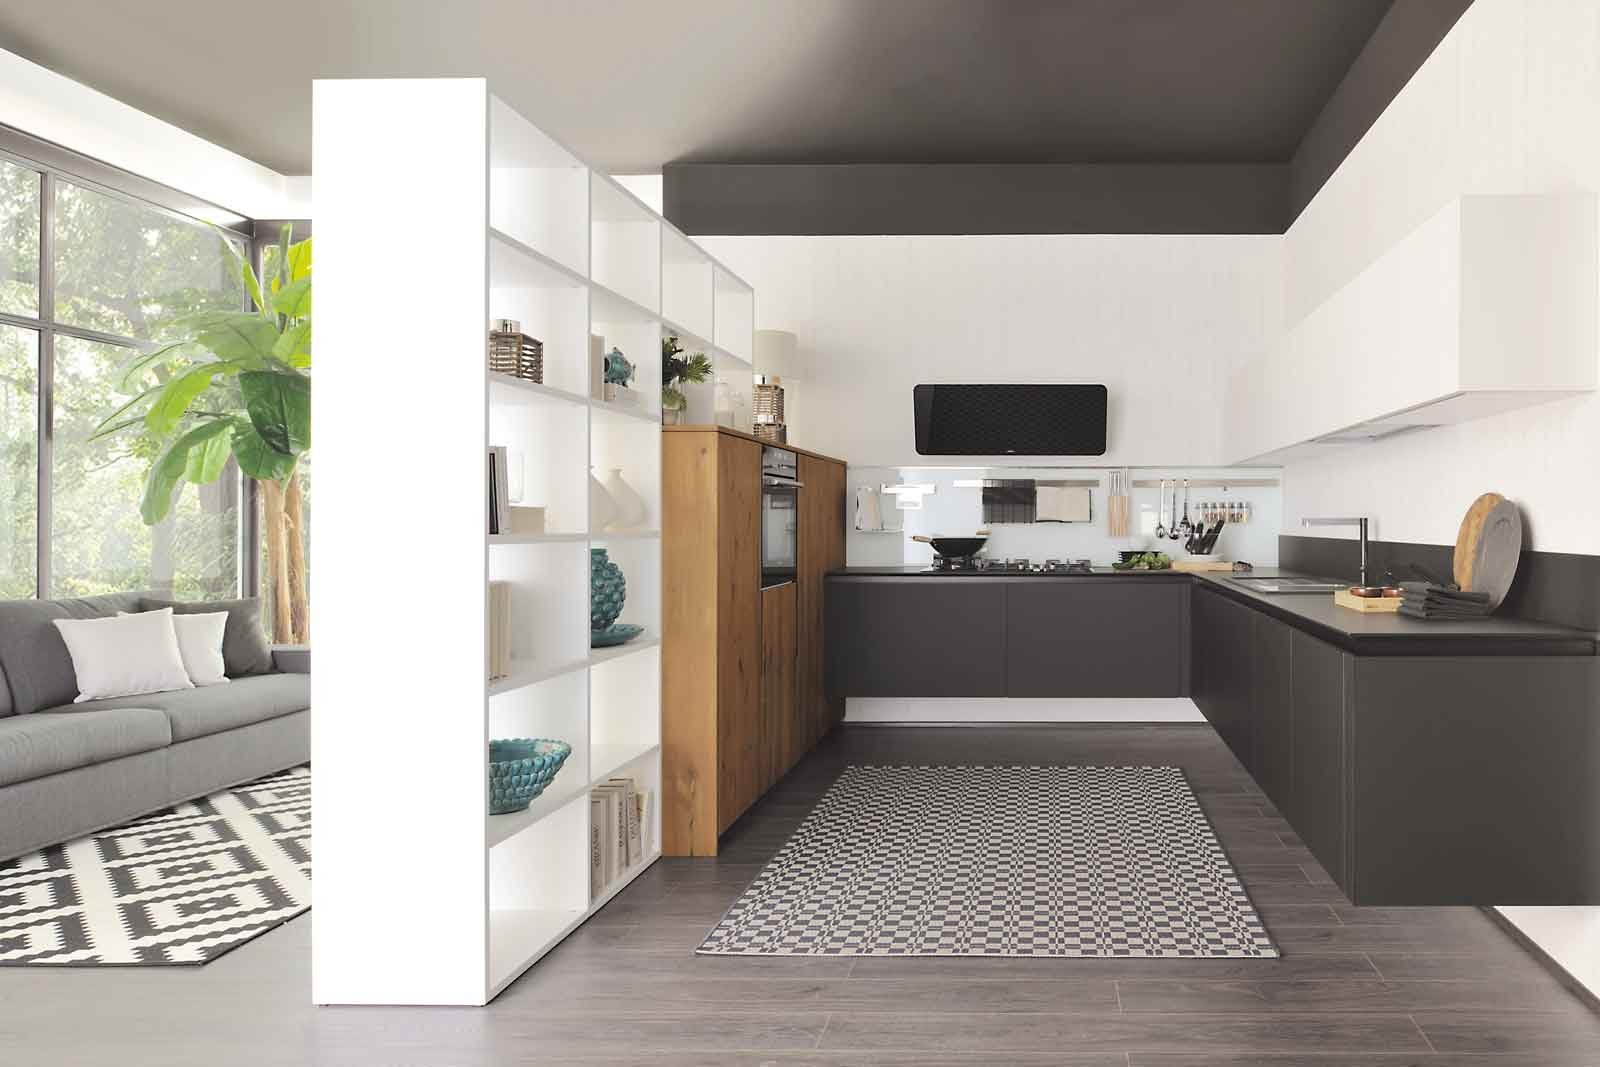 Cucina e soggiorno in un unico ambiente: 3 stili - Cose di ...